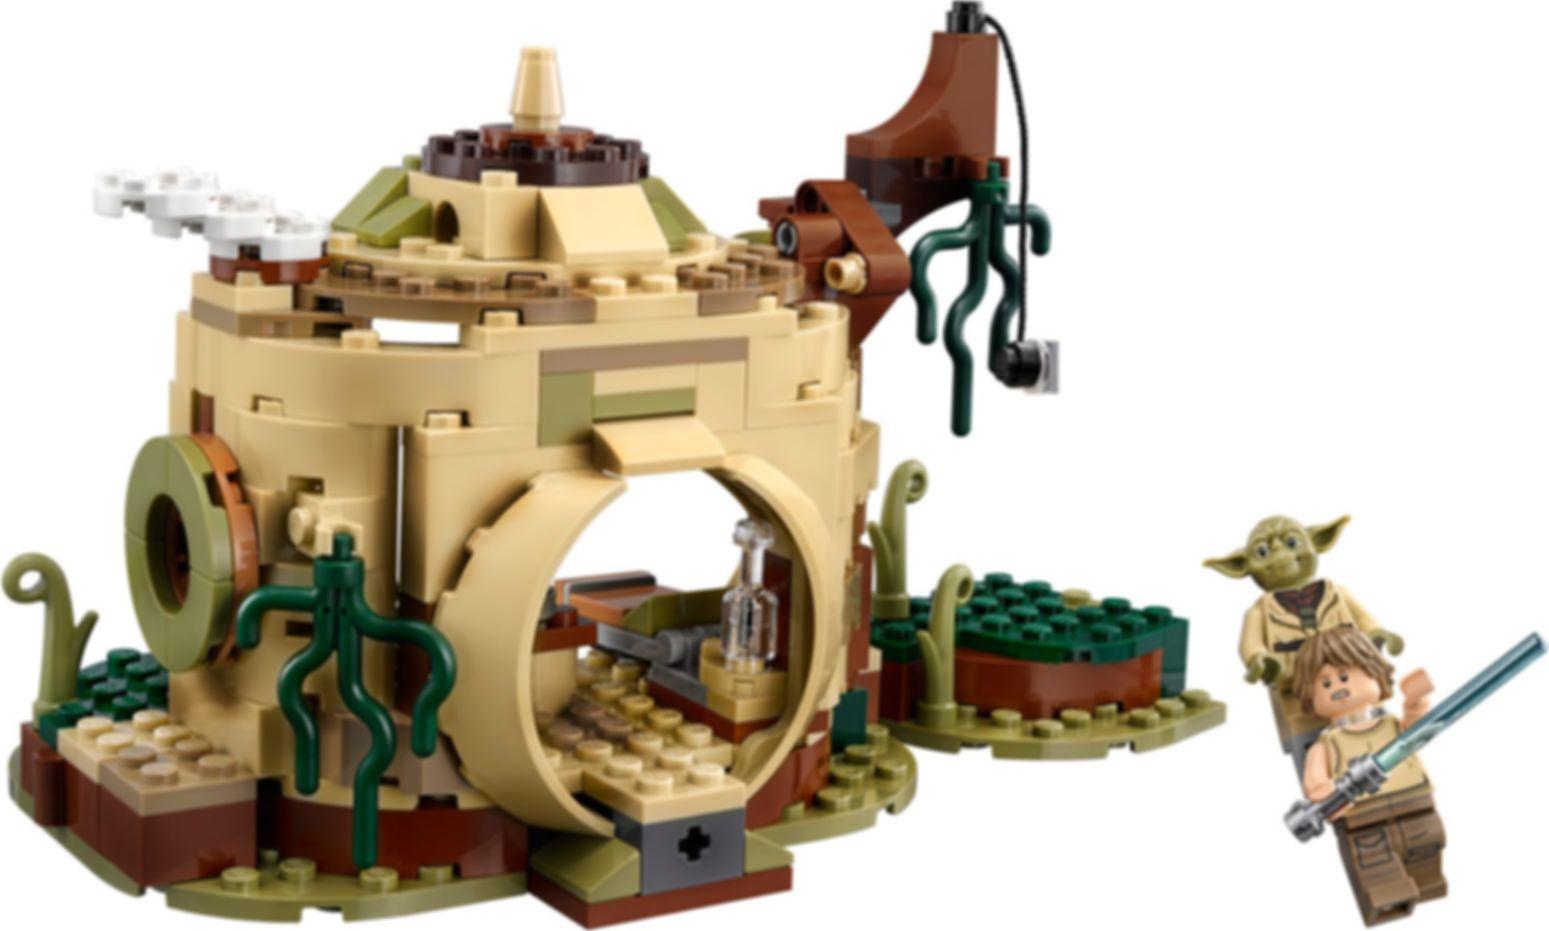 Yoda's Hut gameplay